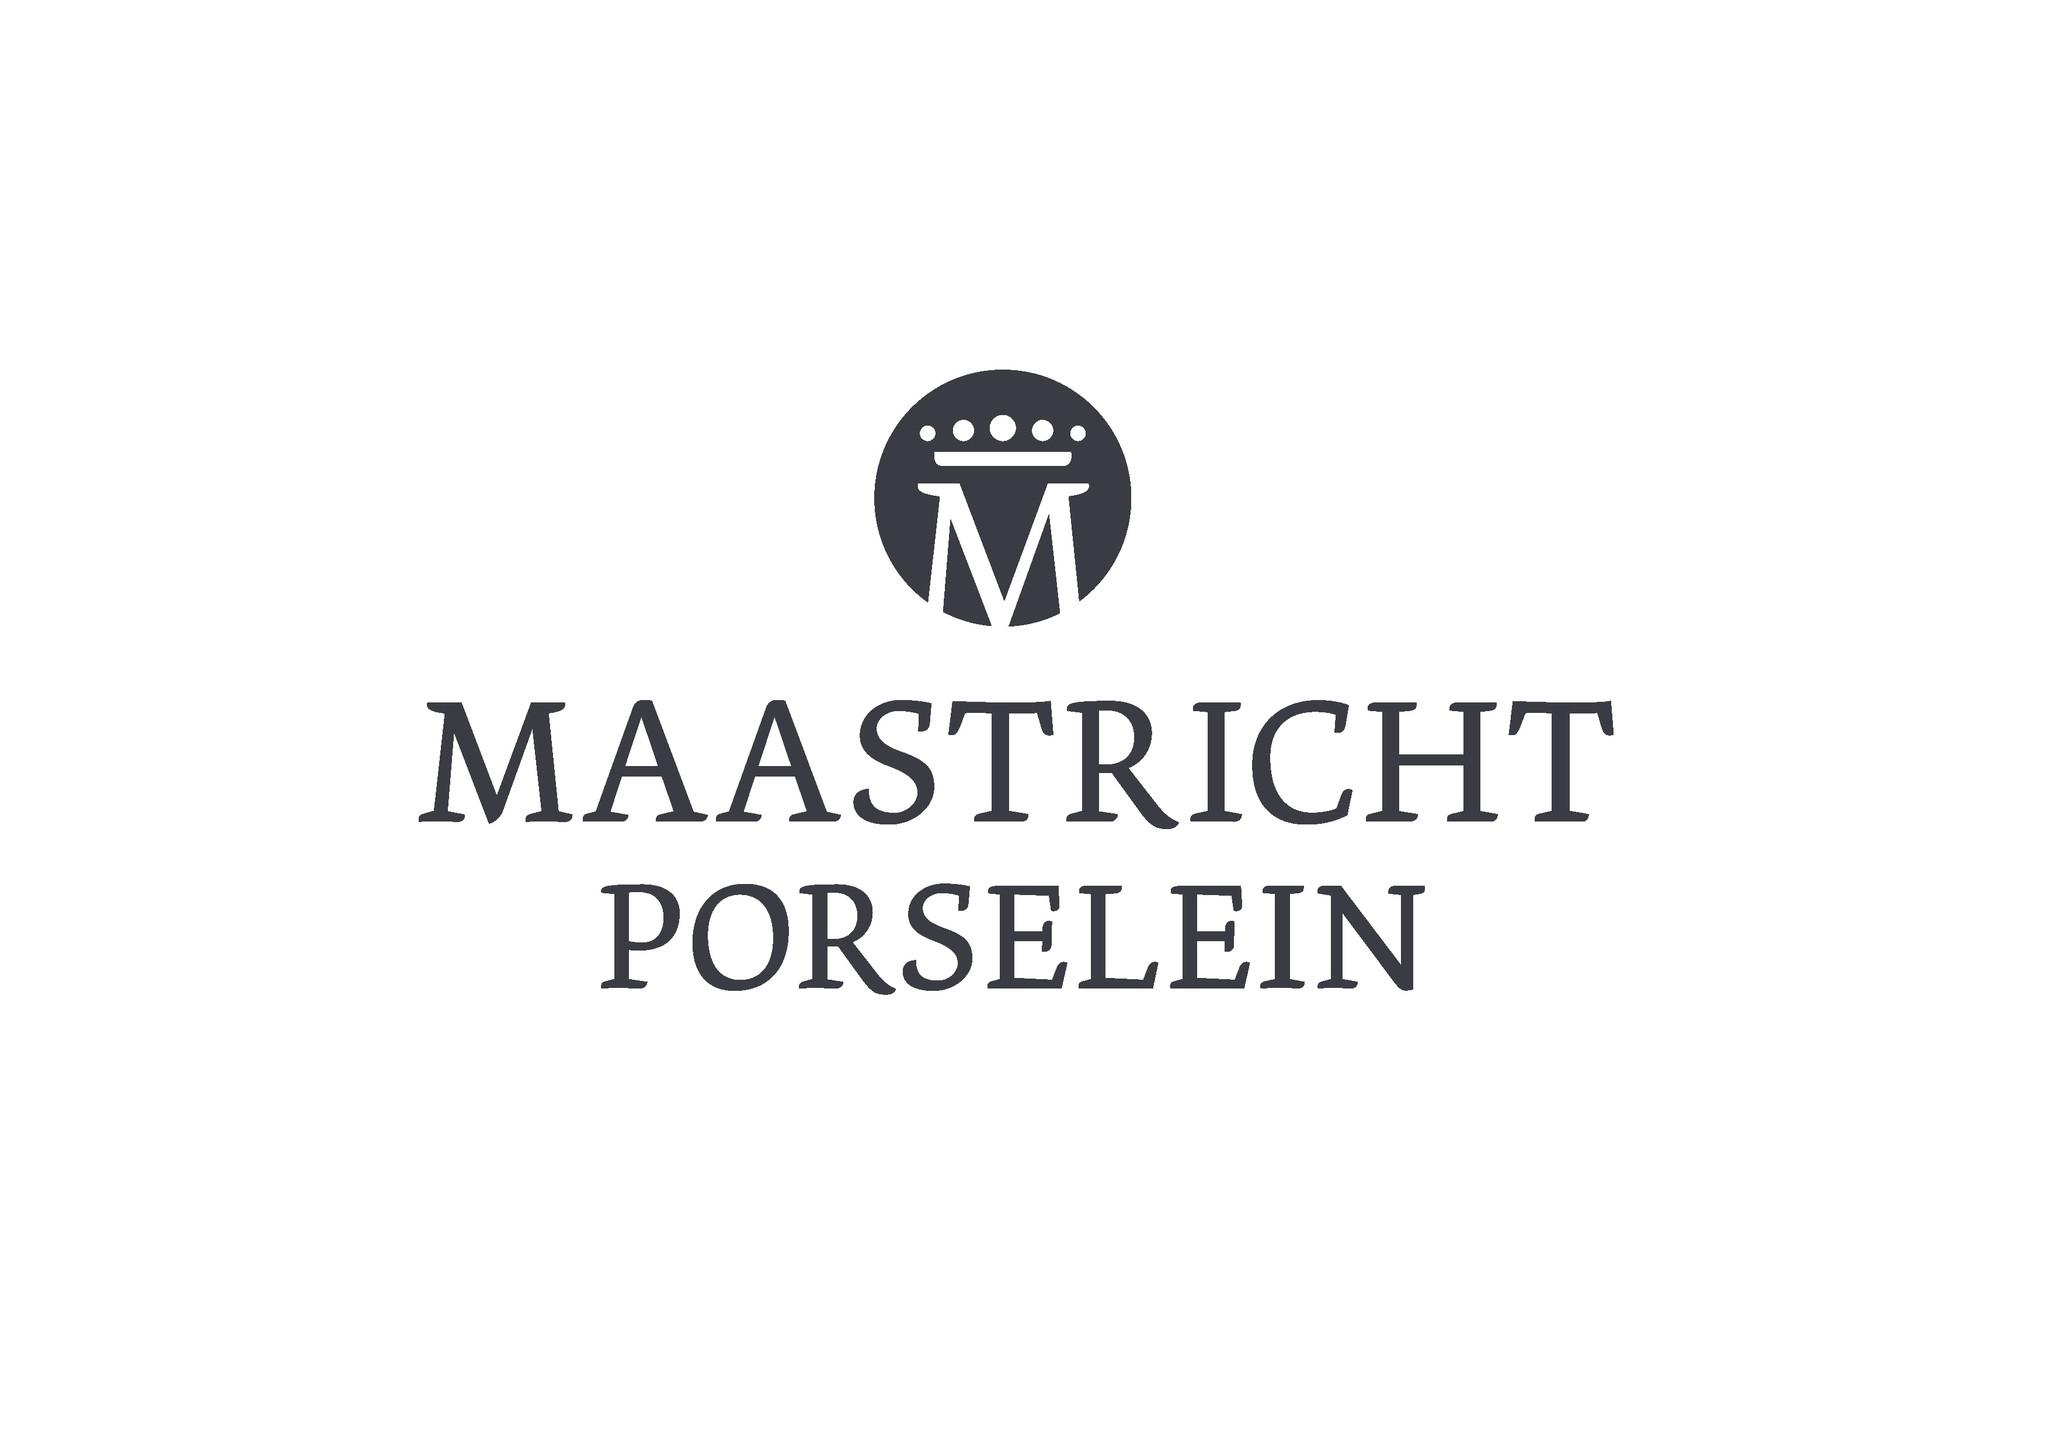 Maastricht Porselein Serviesset Maastricht Porselein Cosmic 12 delig (4 personen)